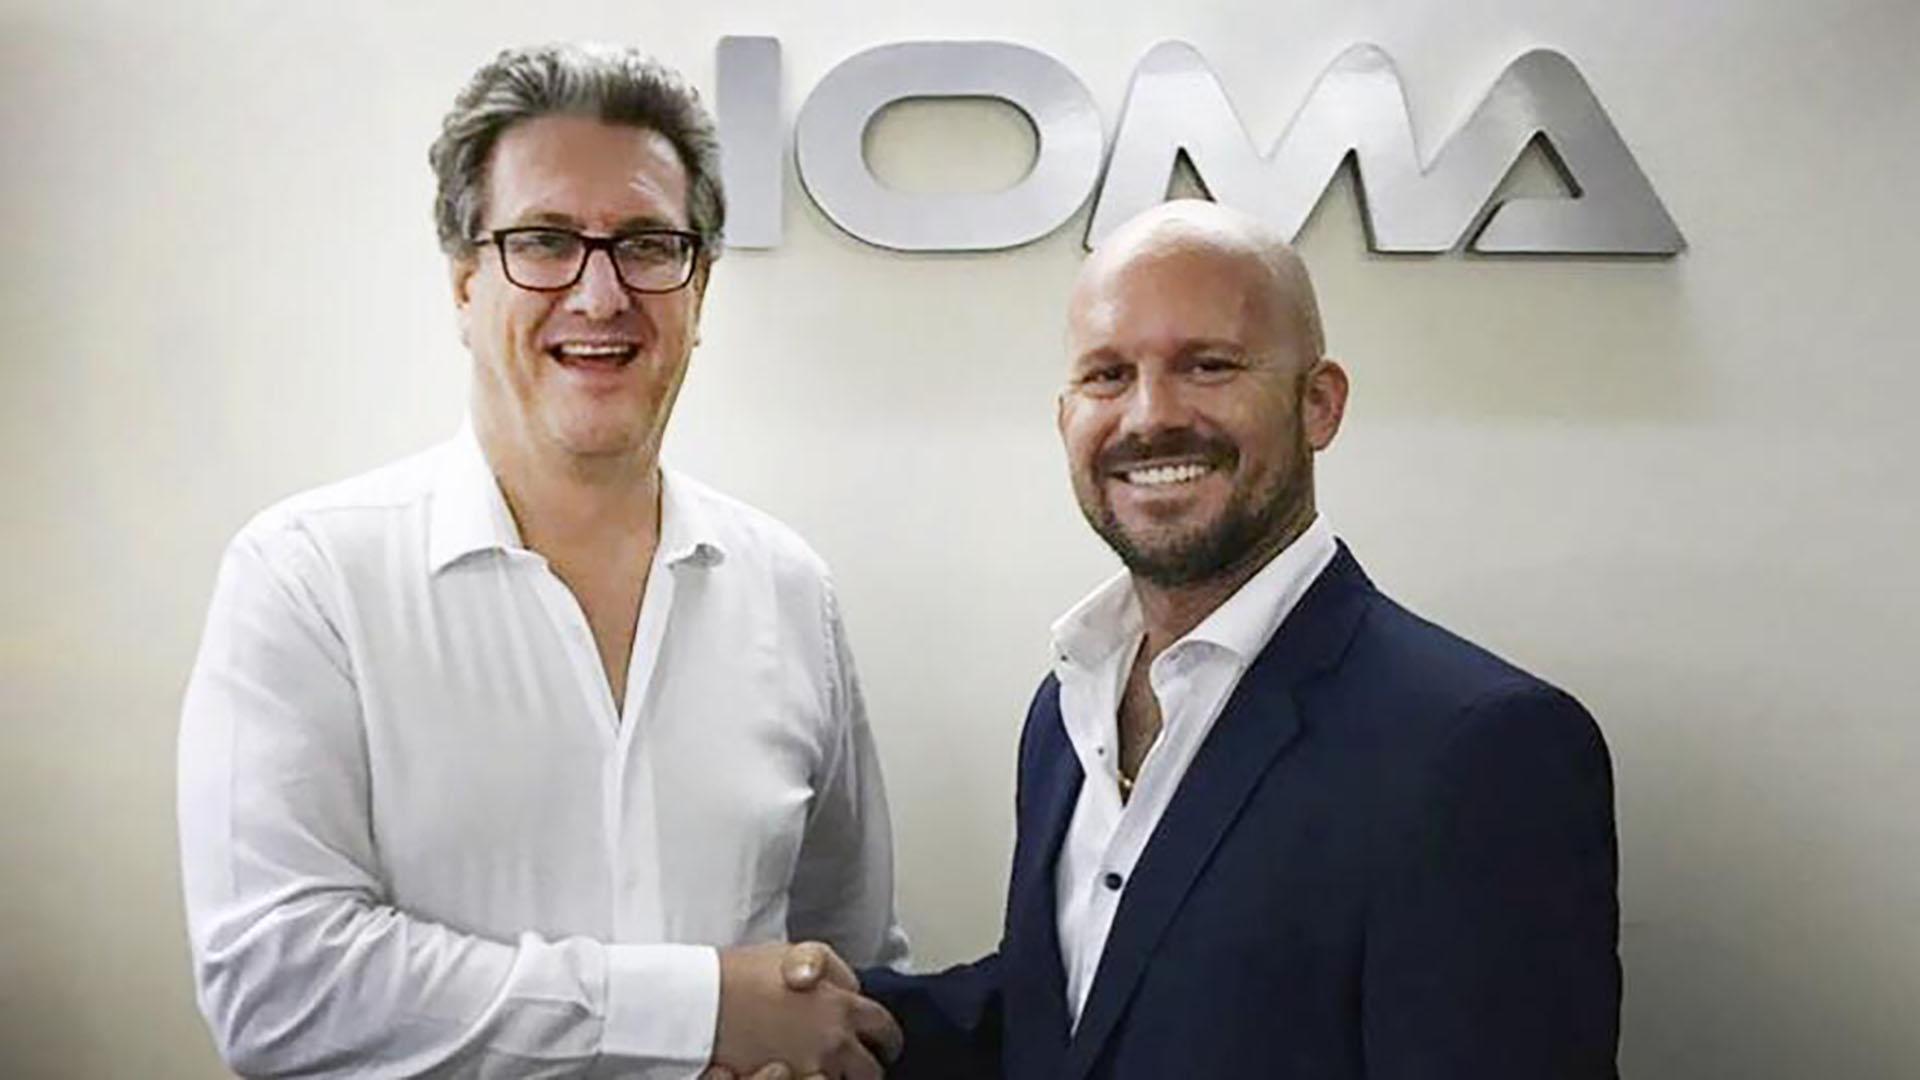 Presidente de IOMA Pablo Di Liscia con Nicolas Galoppo